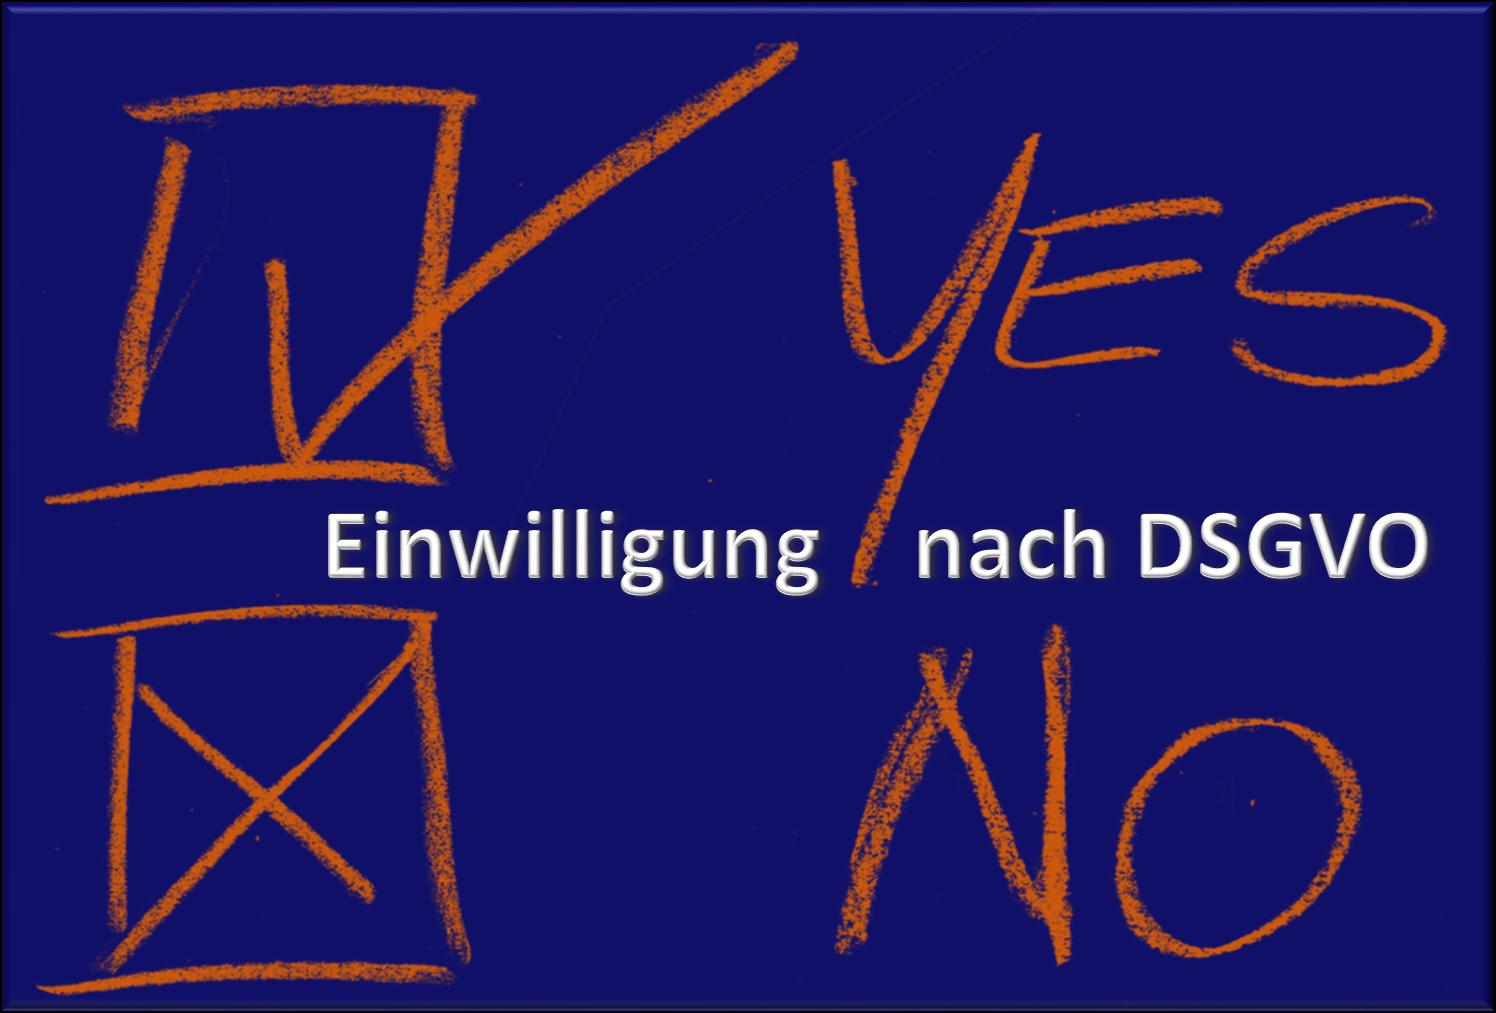 DSGVO_Einwilligung